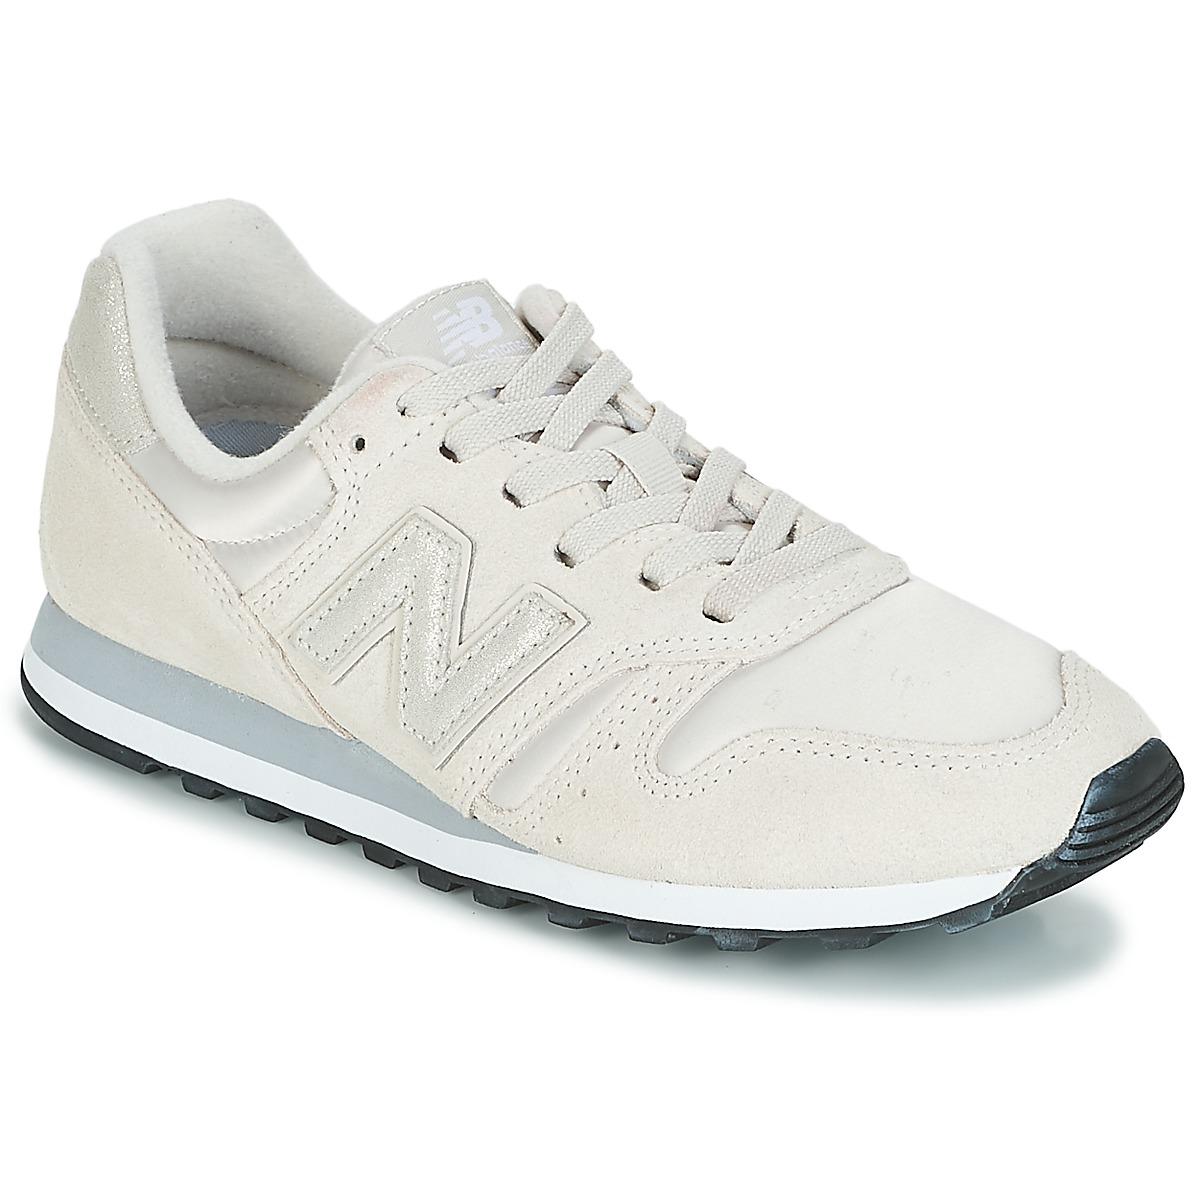 buy popular 63288 4d2ff New Balance WL373 White - Ilmainen toimitus osoitteessa Spartoo.fi! ! - kengät  Matalavartiset tennarit Naiset 69,59 €